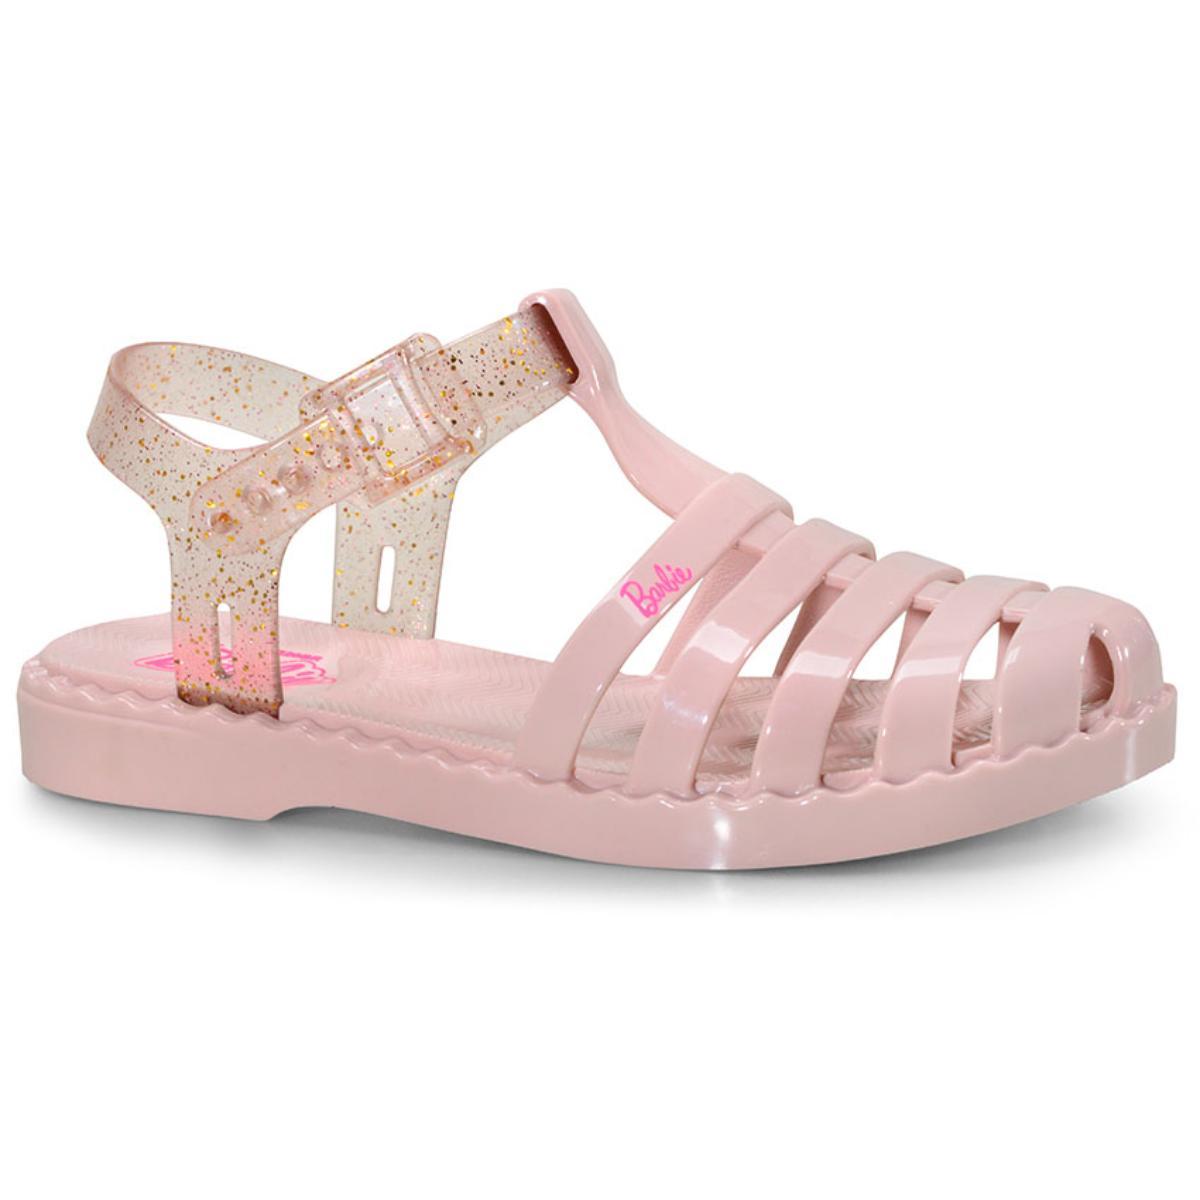 Sandália Feminina Grendene 22459 53911 Barbie Duo Rosa Claro/rosa Gliter